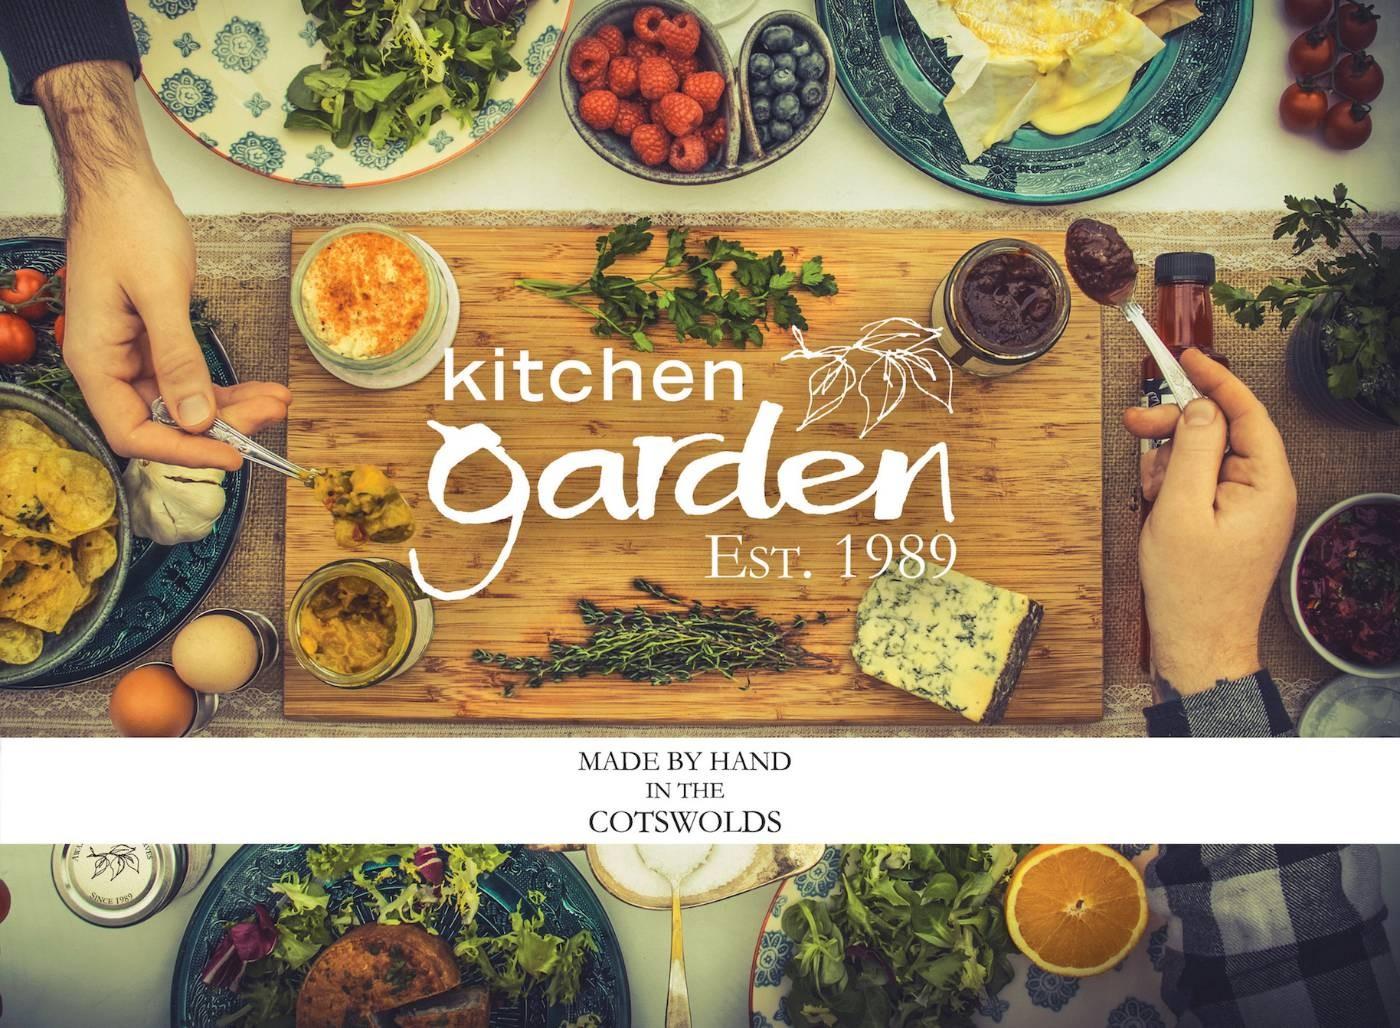 Kitchen Garden Foods Ltd Linkedin